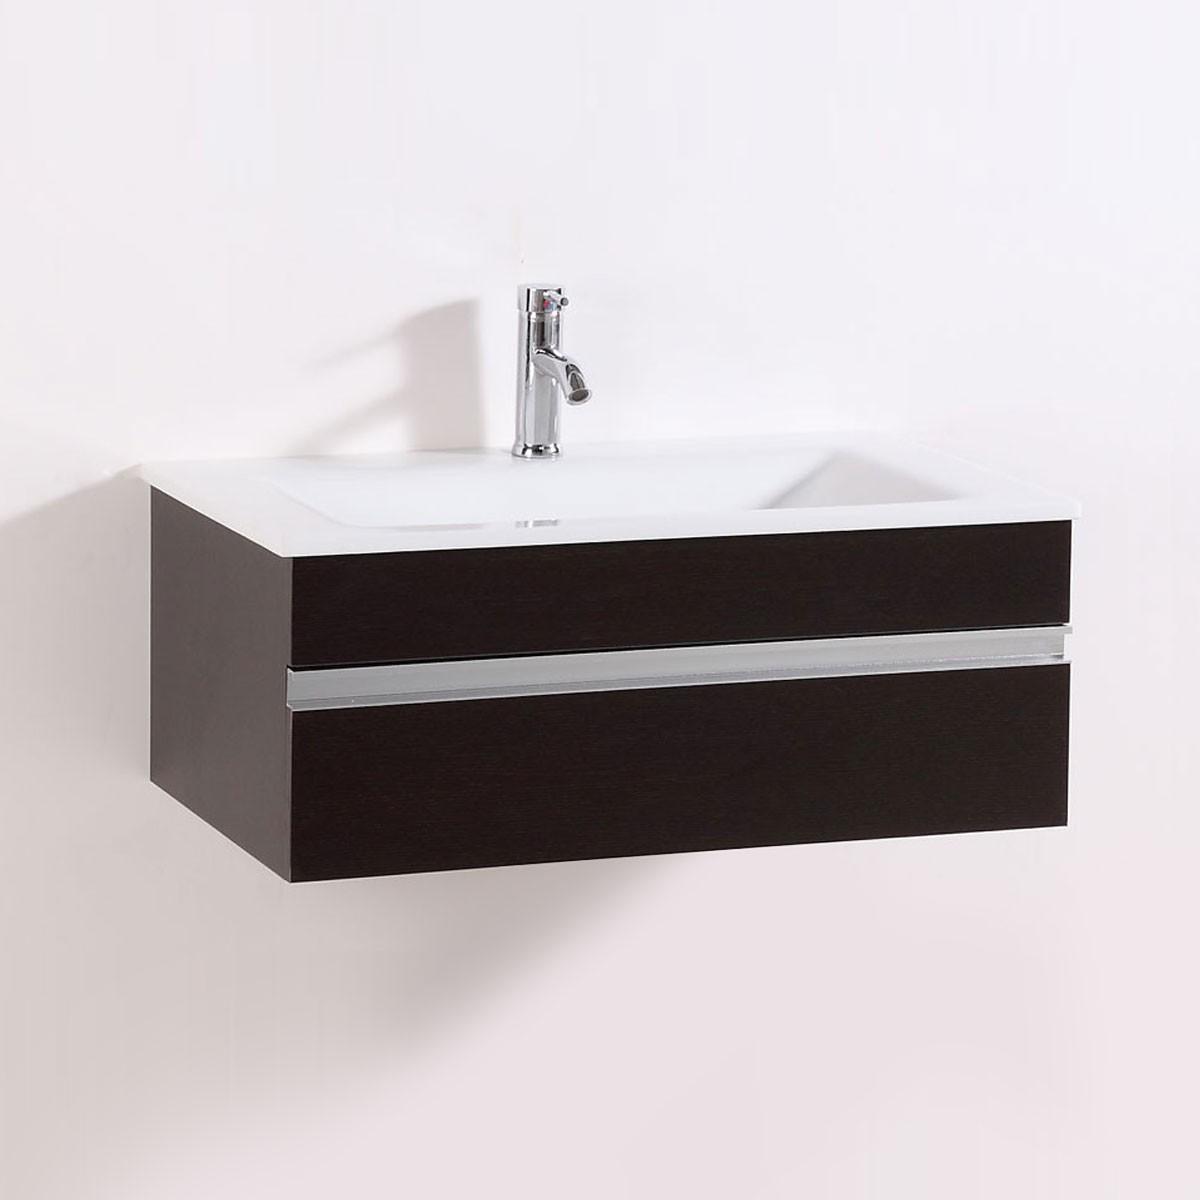 32 In. Wall Mount Bathroom Vanity (DK-TH9021D-V)